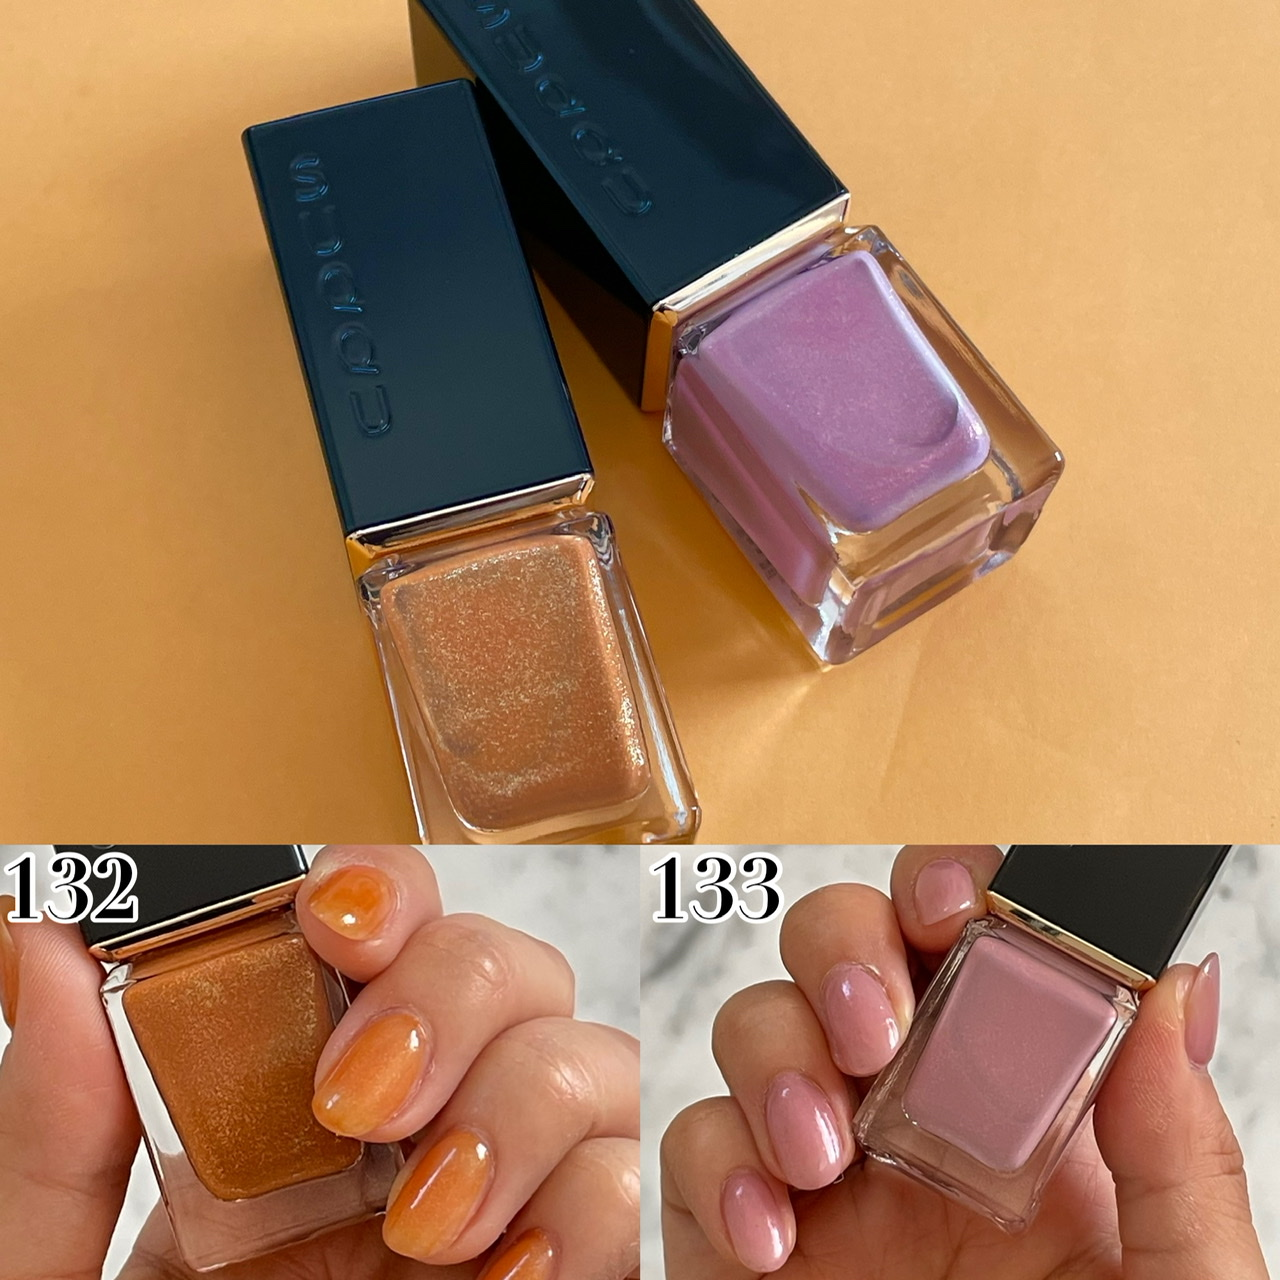 SUQQU リタッチ プレスト パウダーネイル カラー ポリッシュ限定2色